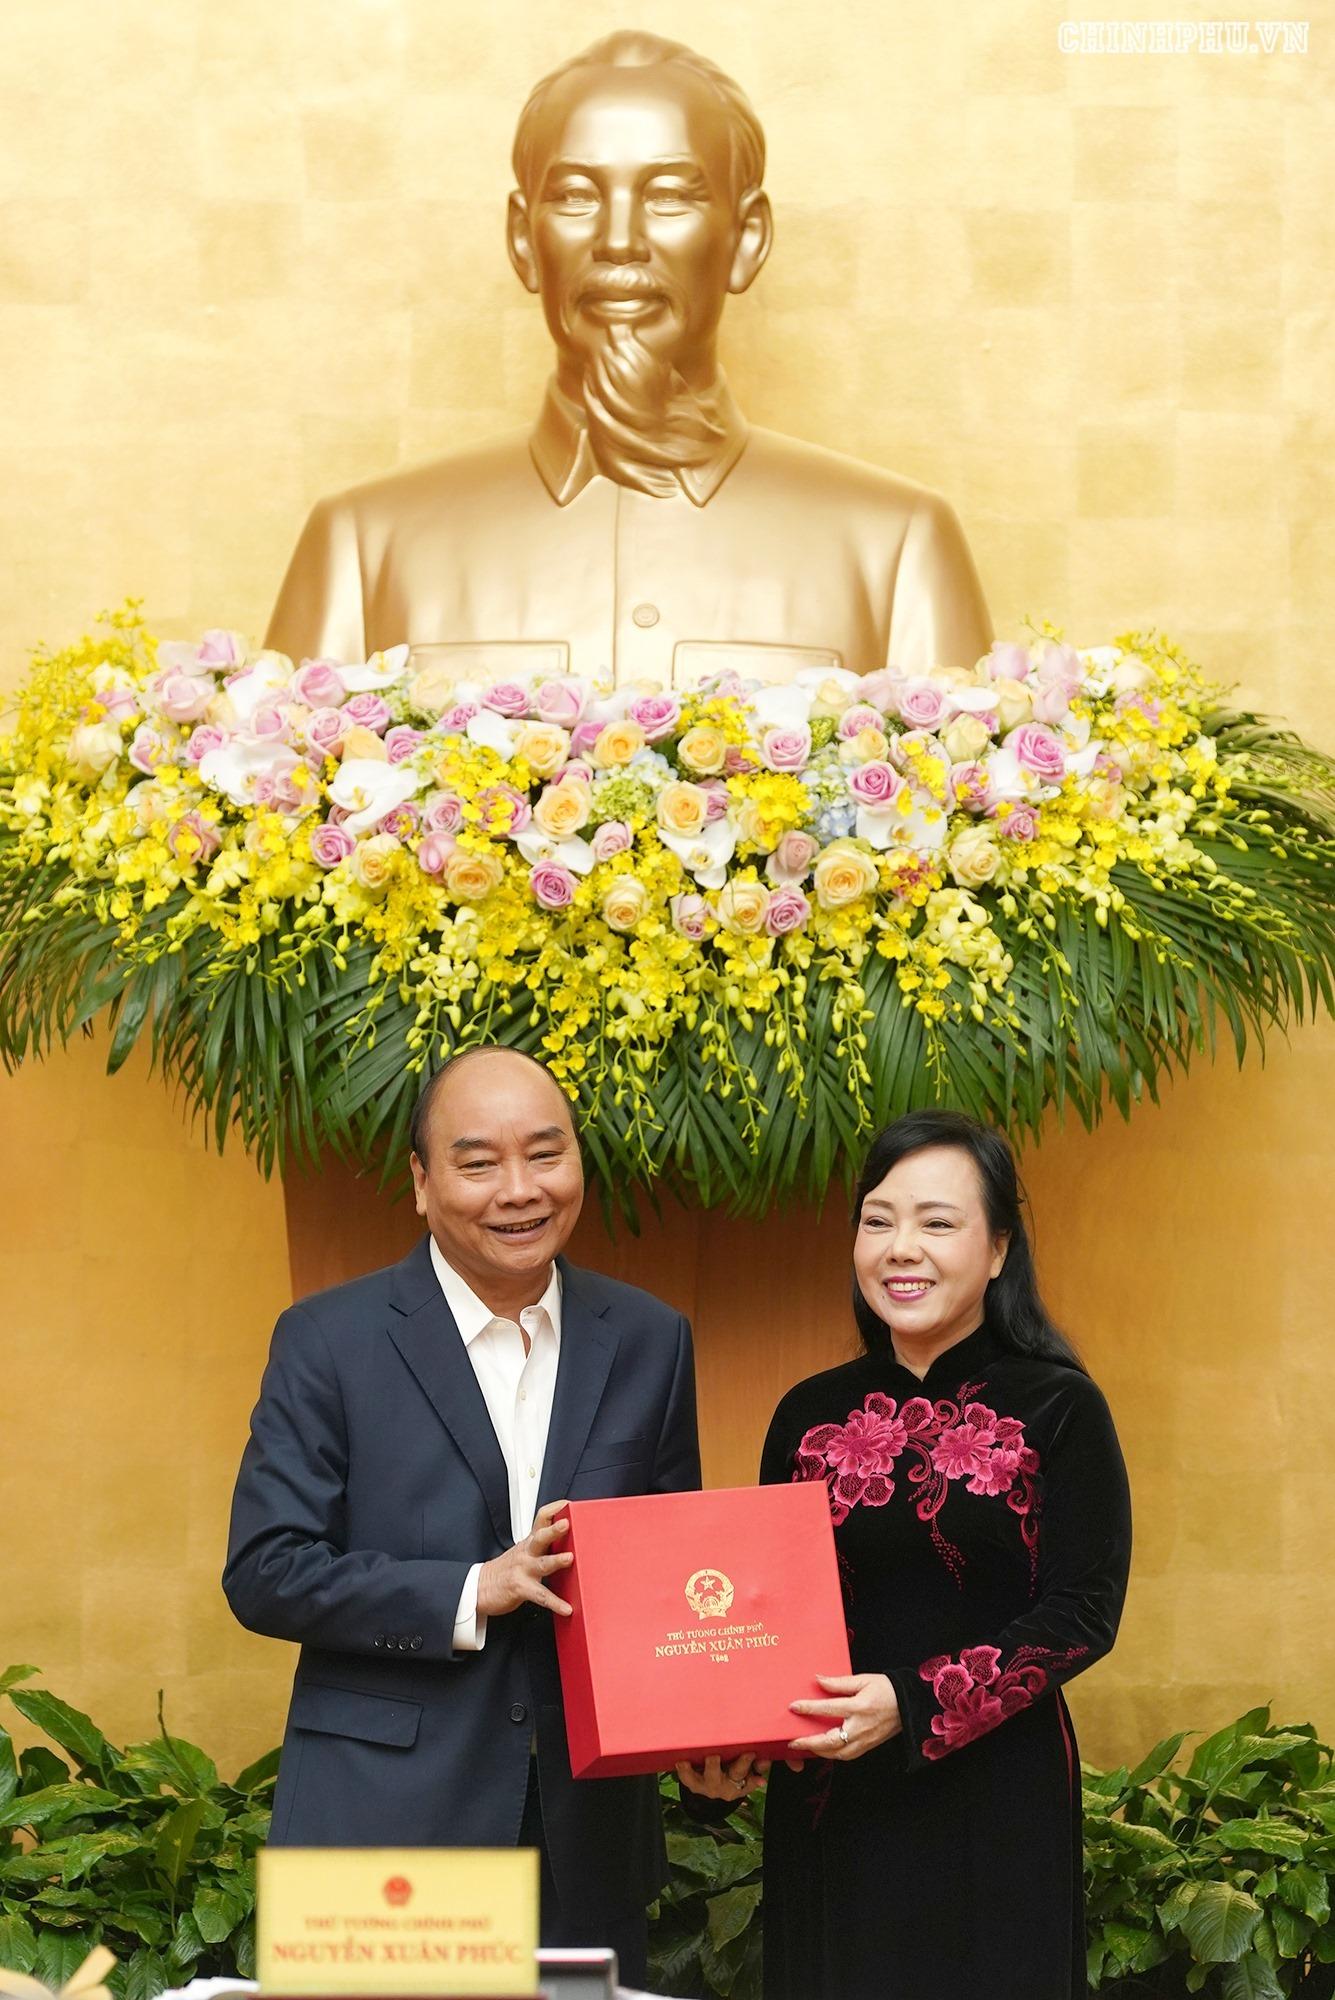 Nguyễn Thị Kim Tiến,Bộ Y tế,Nguyễn Xuân Phúc,Thủ tướng Nguyễn Xuân Phúc